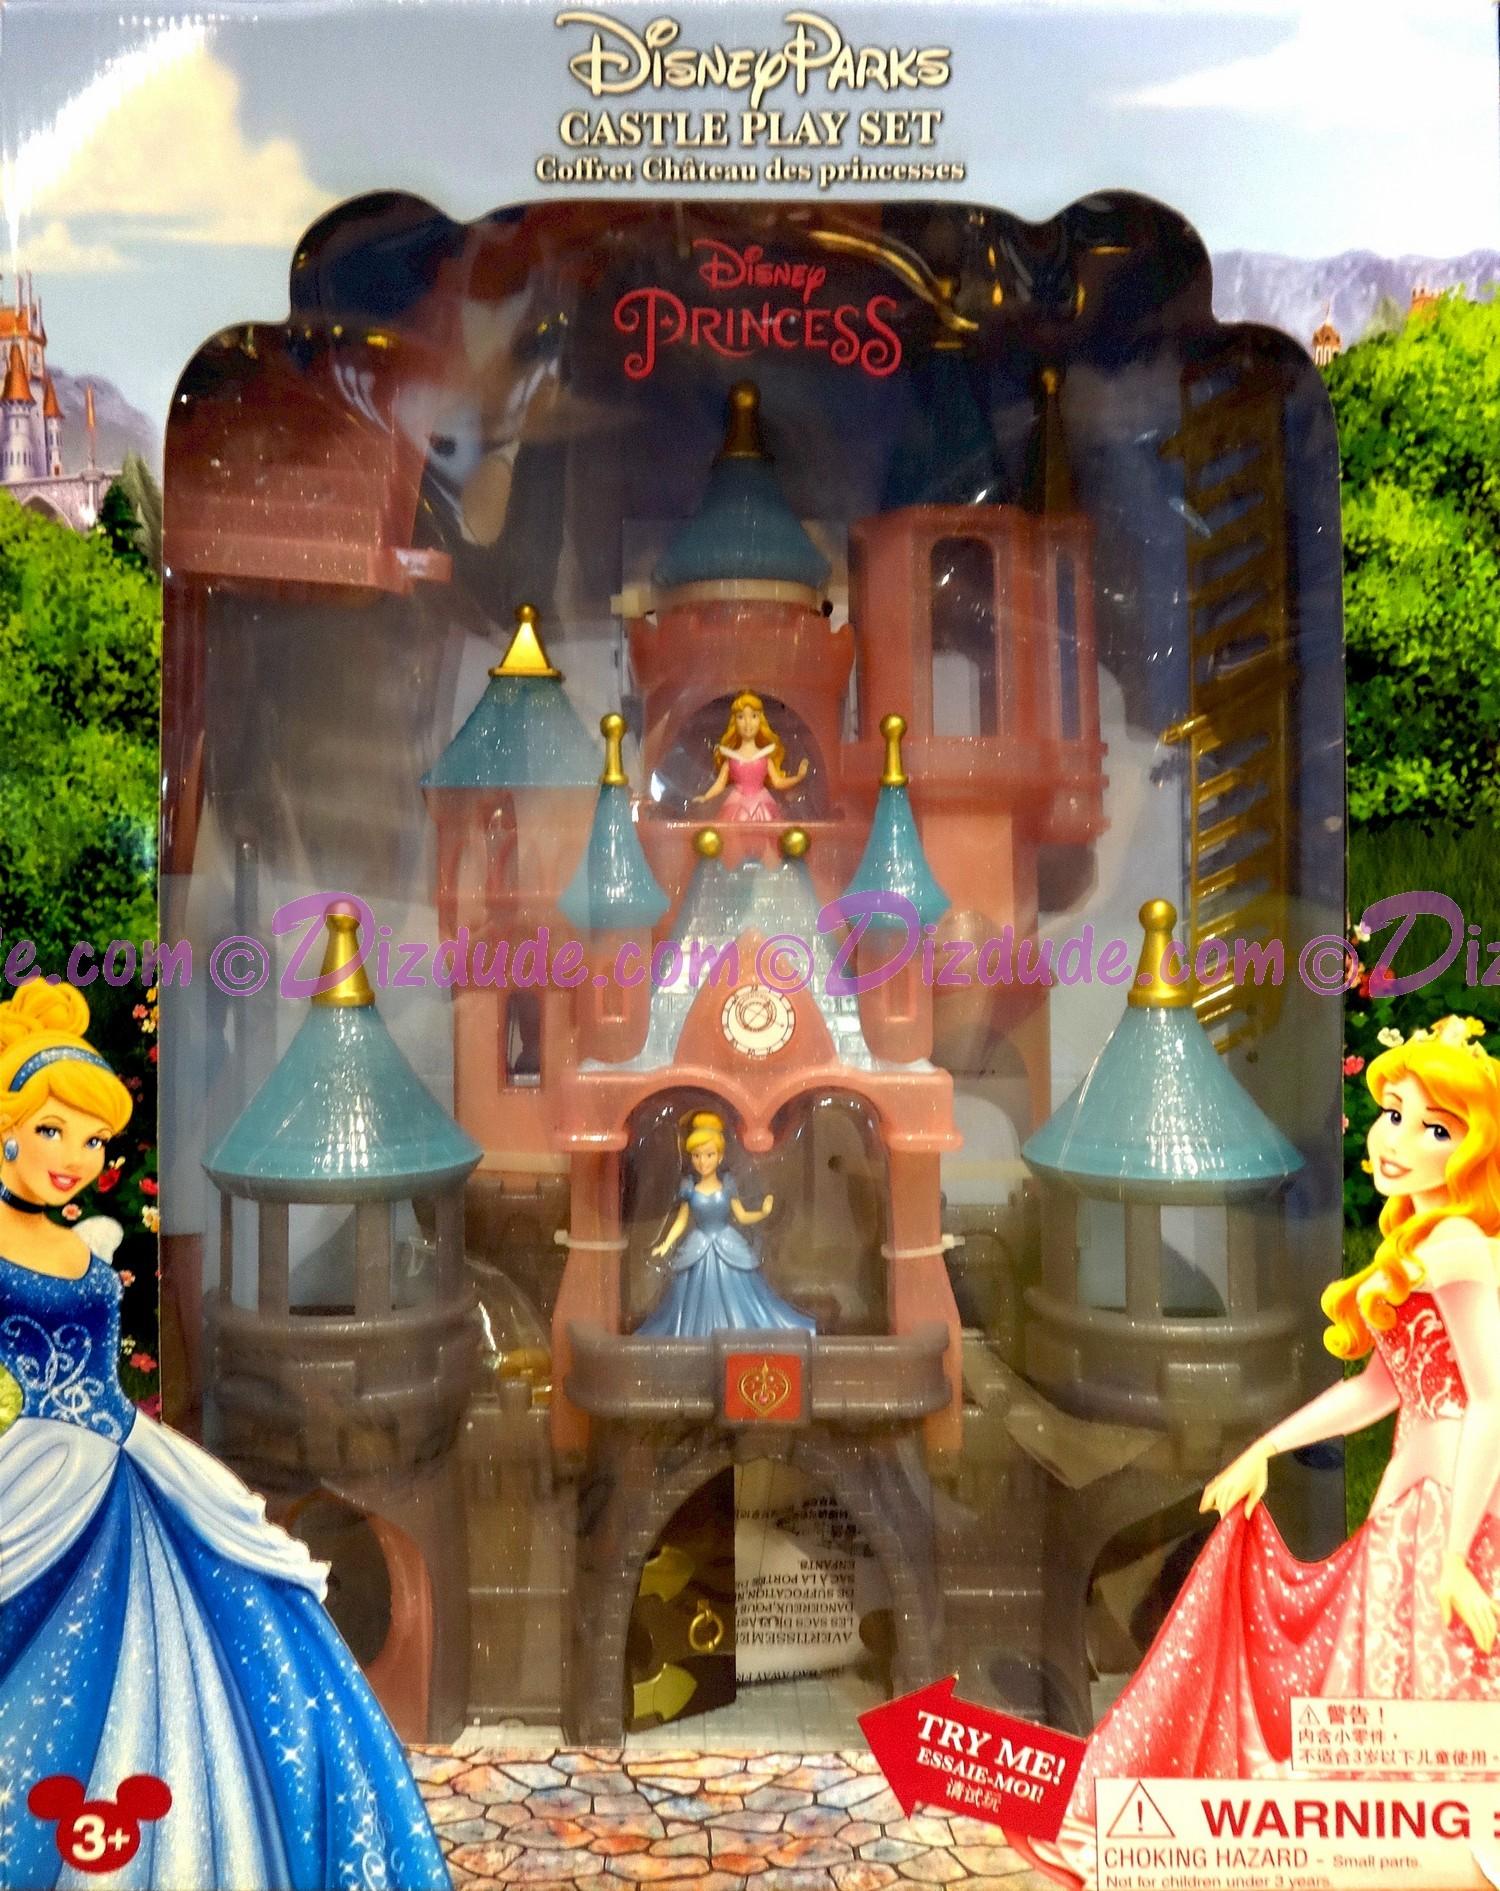 Disney Princess Castle Play Set © Dizdude.com